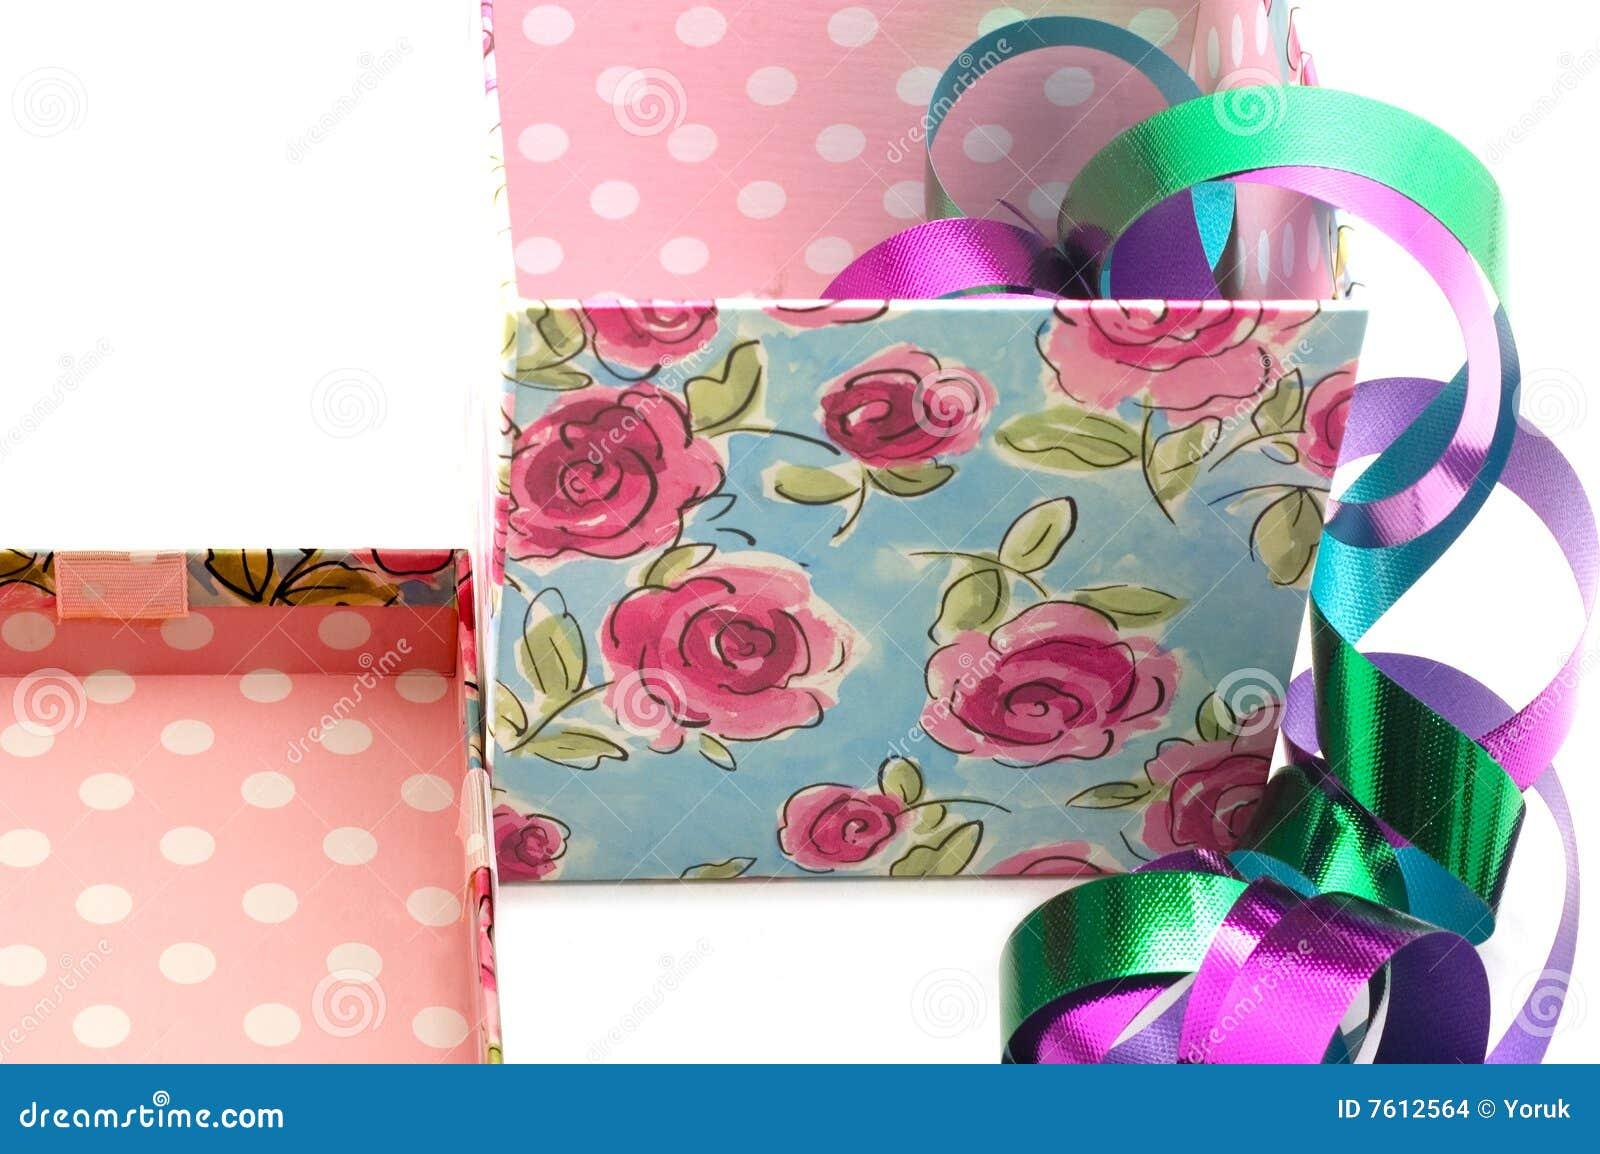 Giftbox盒盖丝带